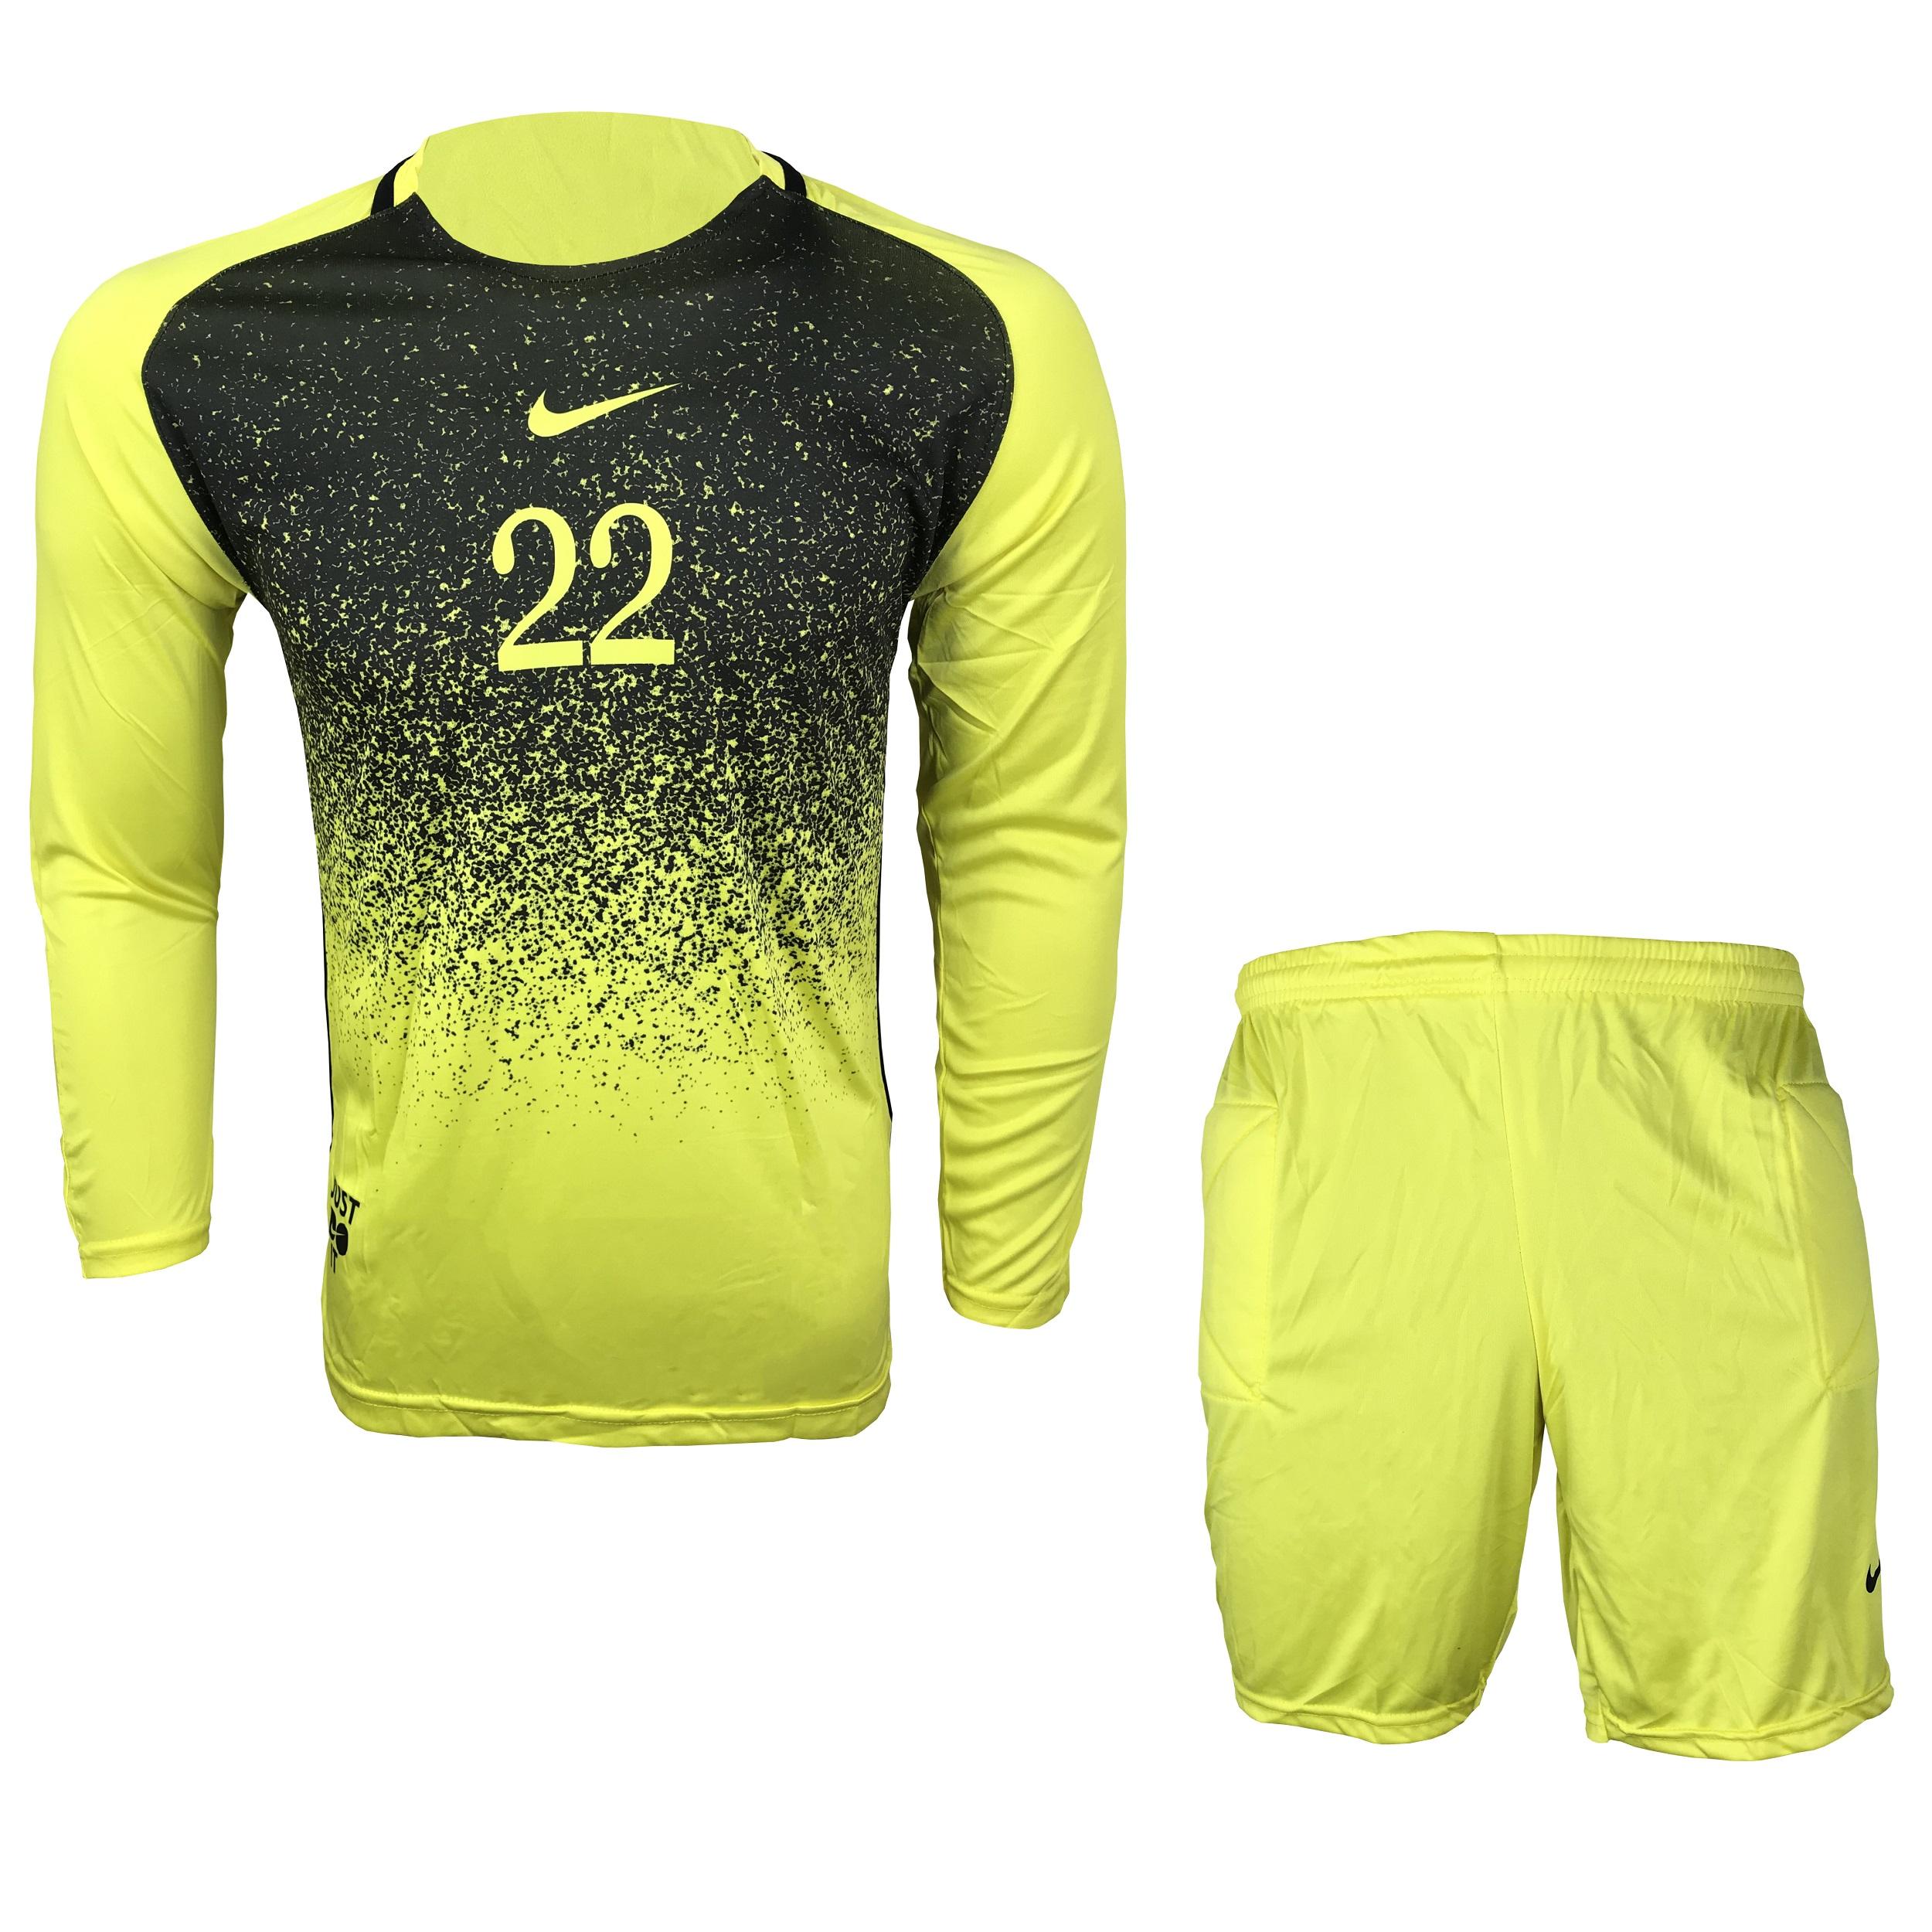 ست پیراهن و شورت دروازه بانی مردانه مدل N-Y22